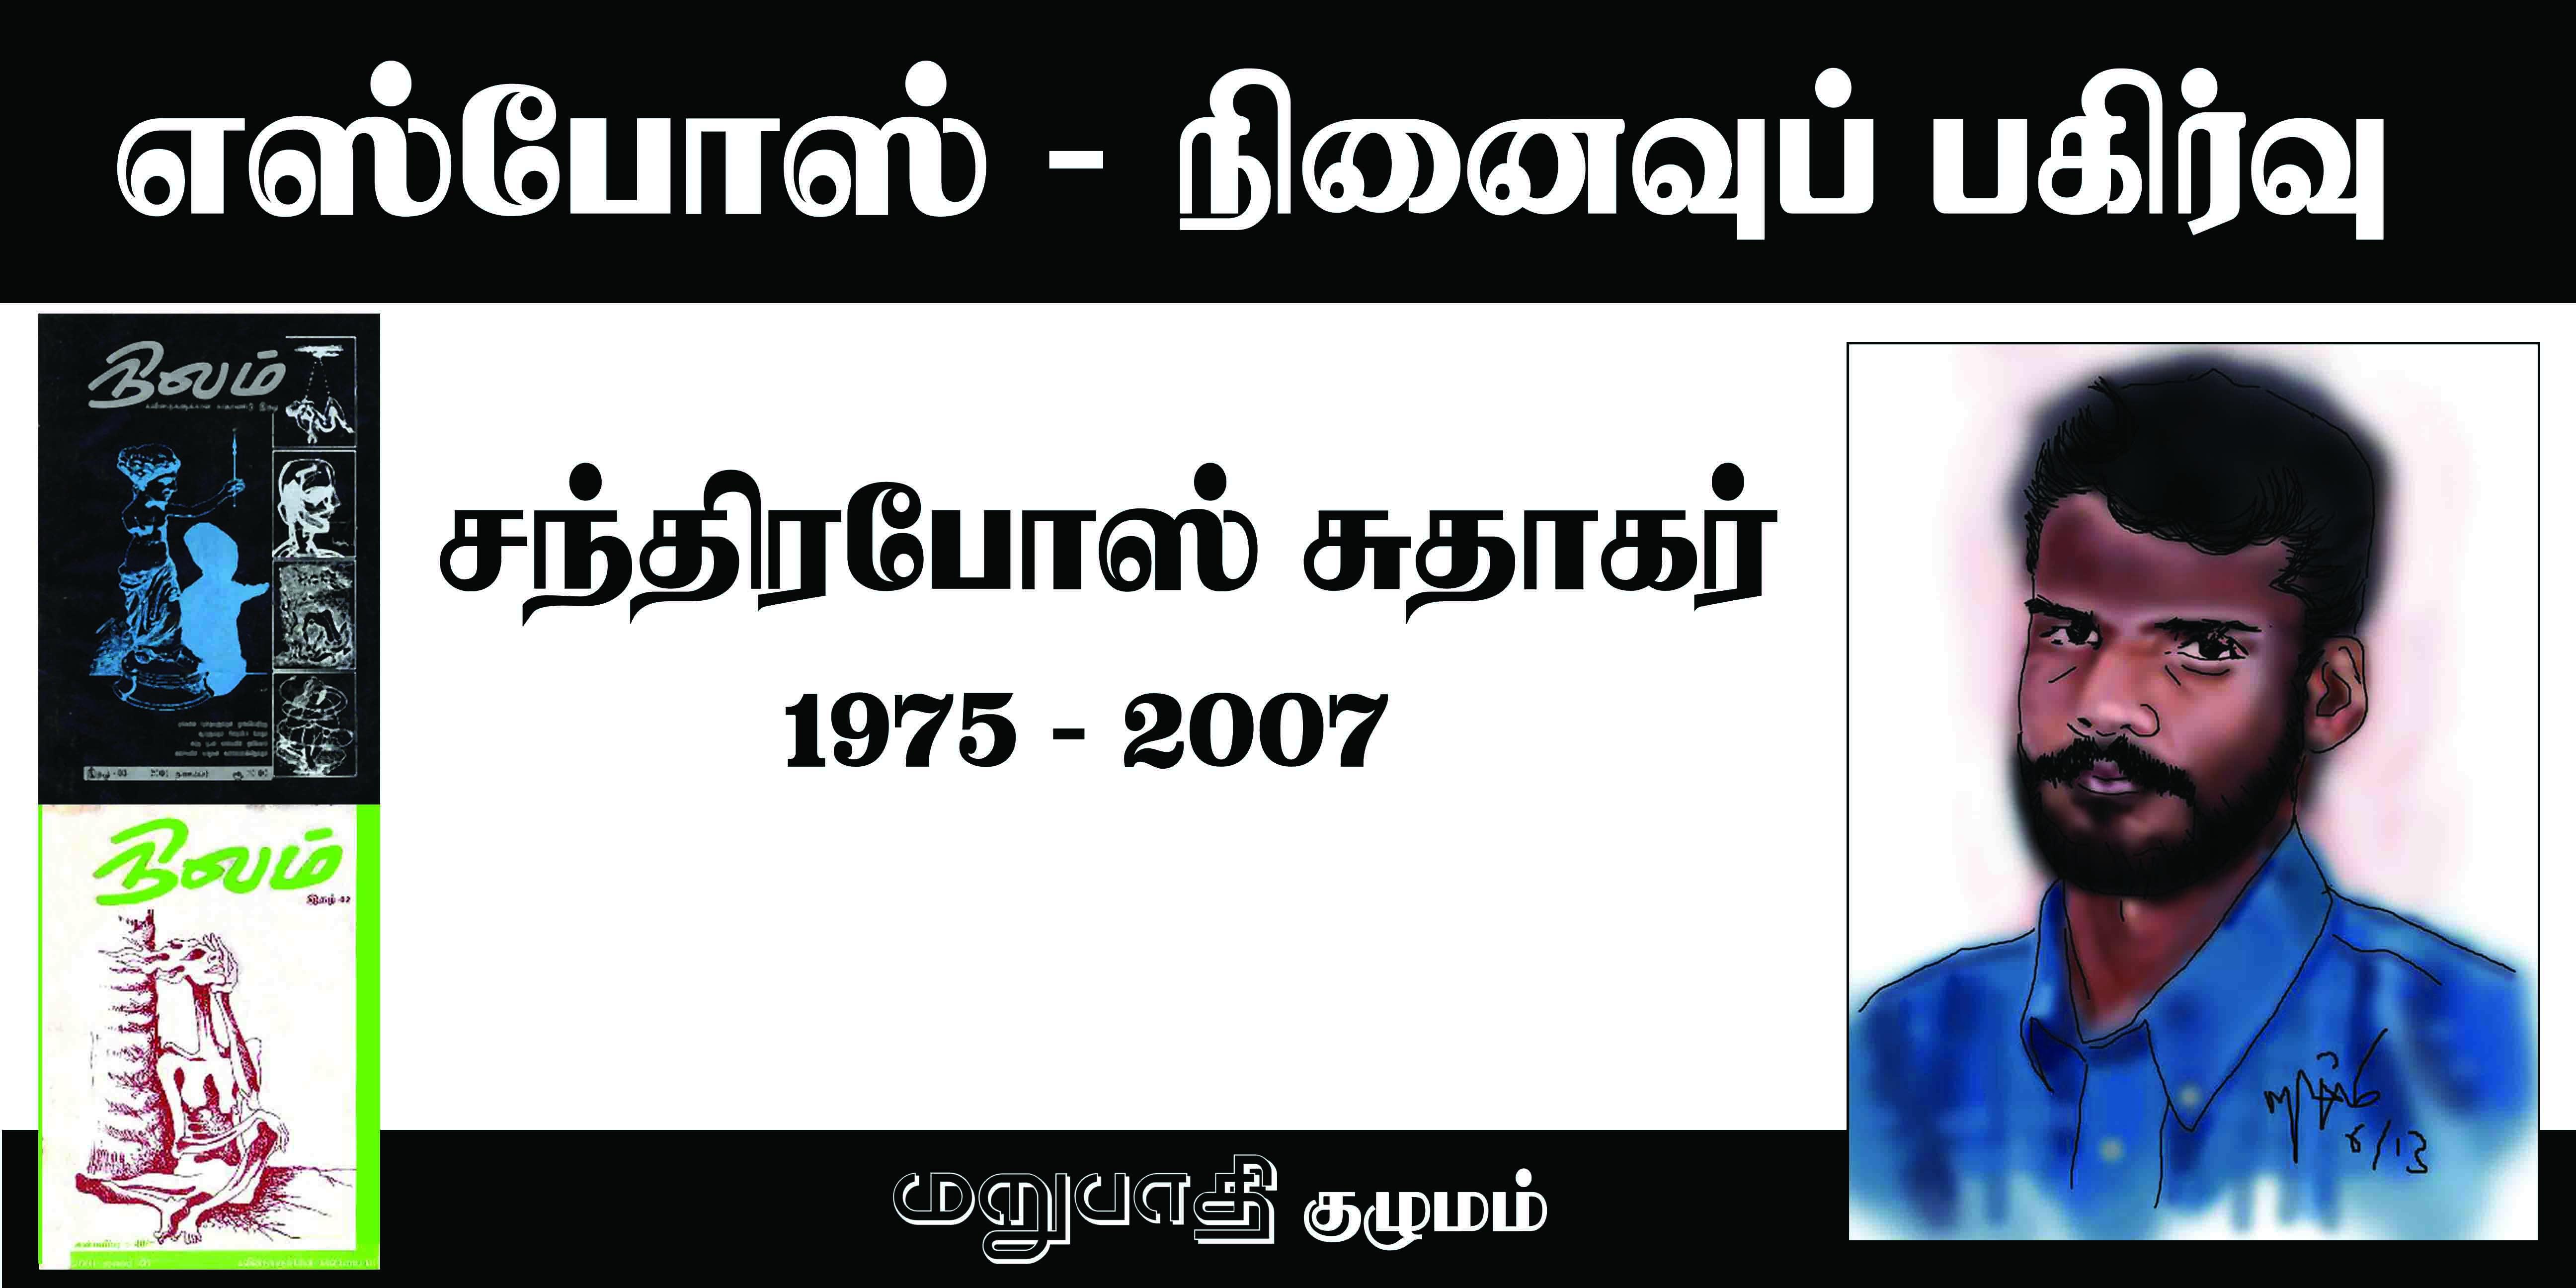 Marupathi # SBose - Banner